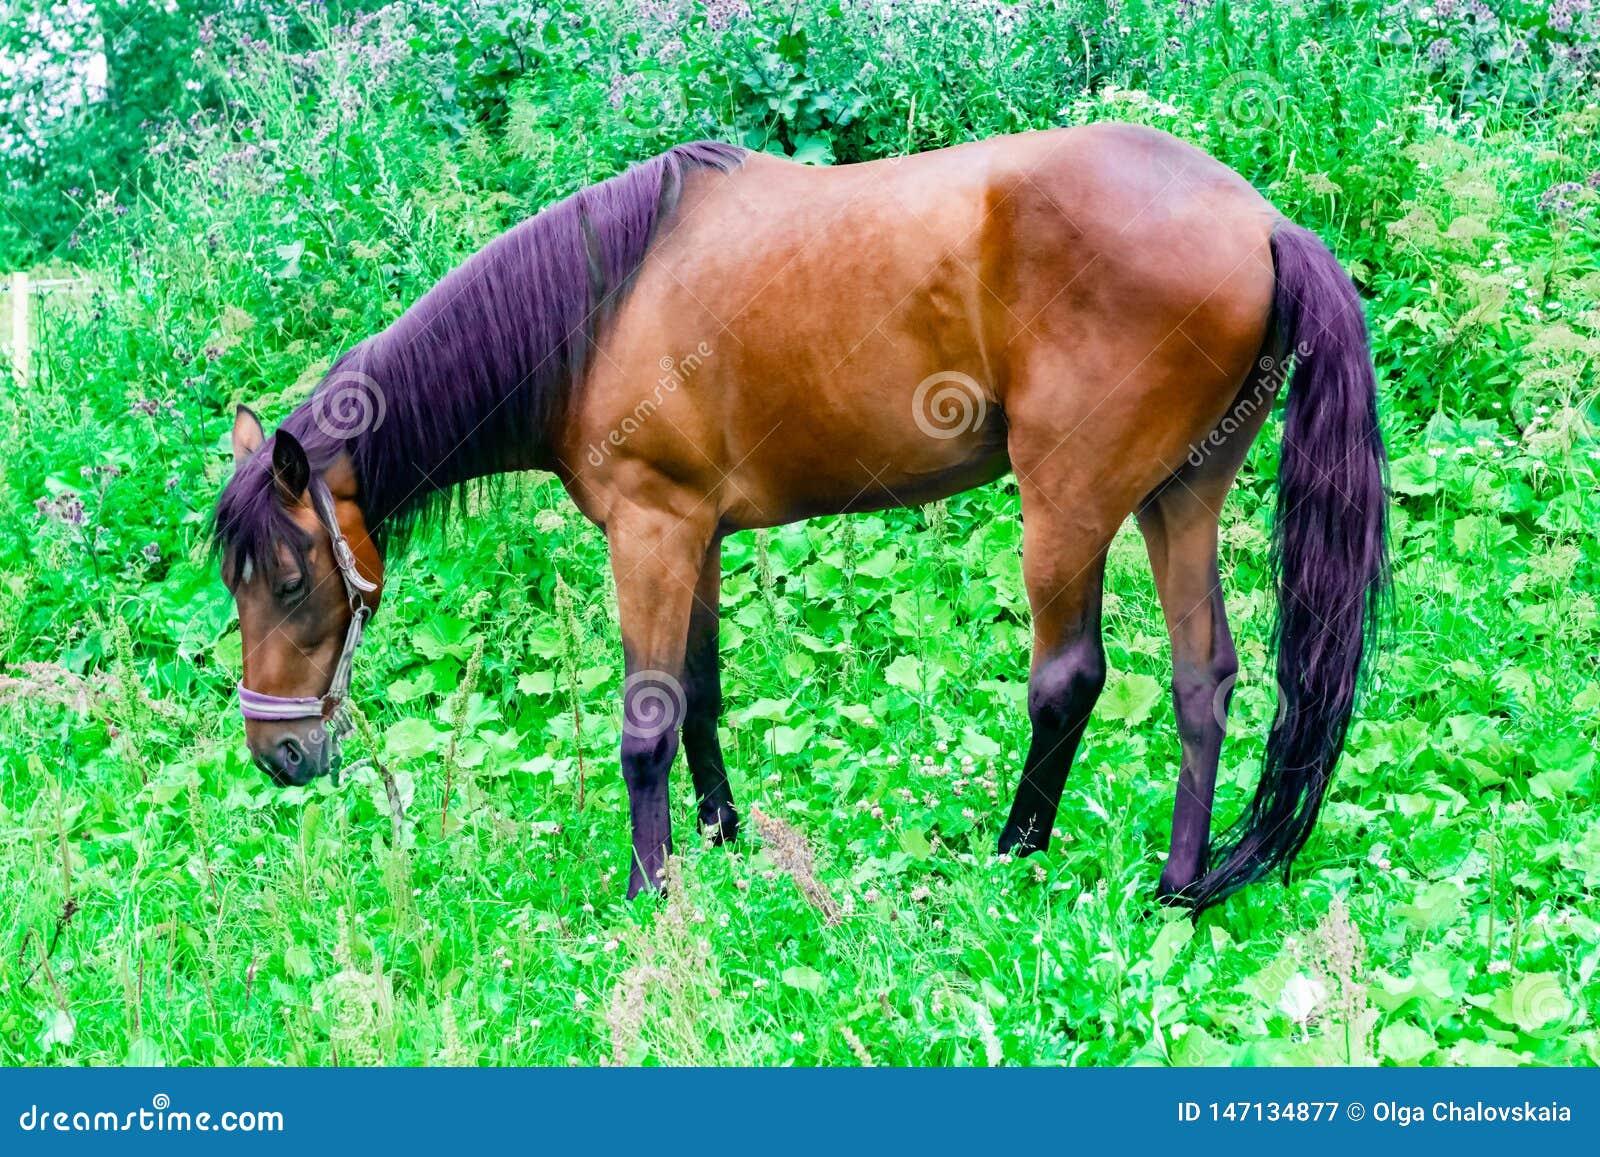 Красивая лошадь каштана с чернотой и пурпурной гривой пасет на зеленом выгоне